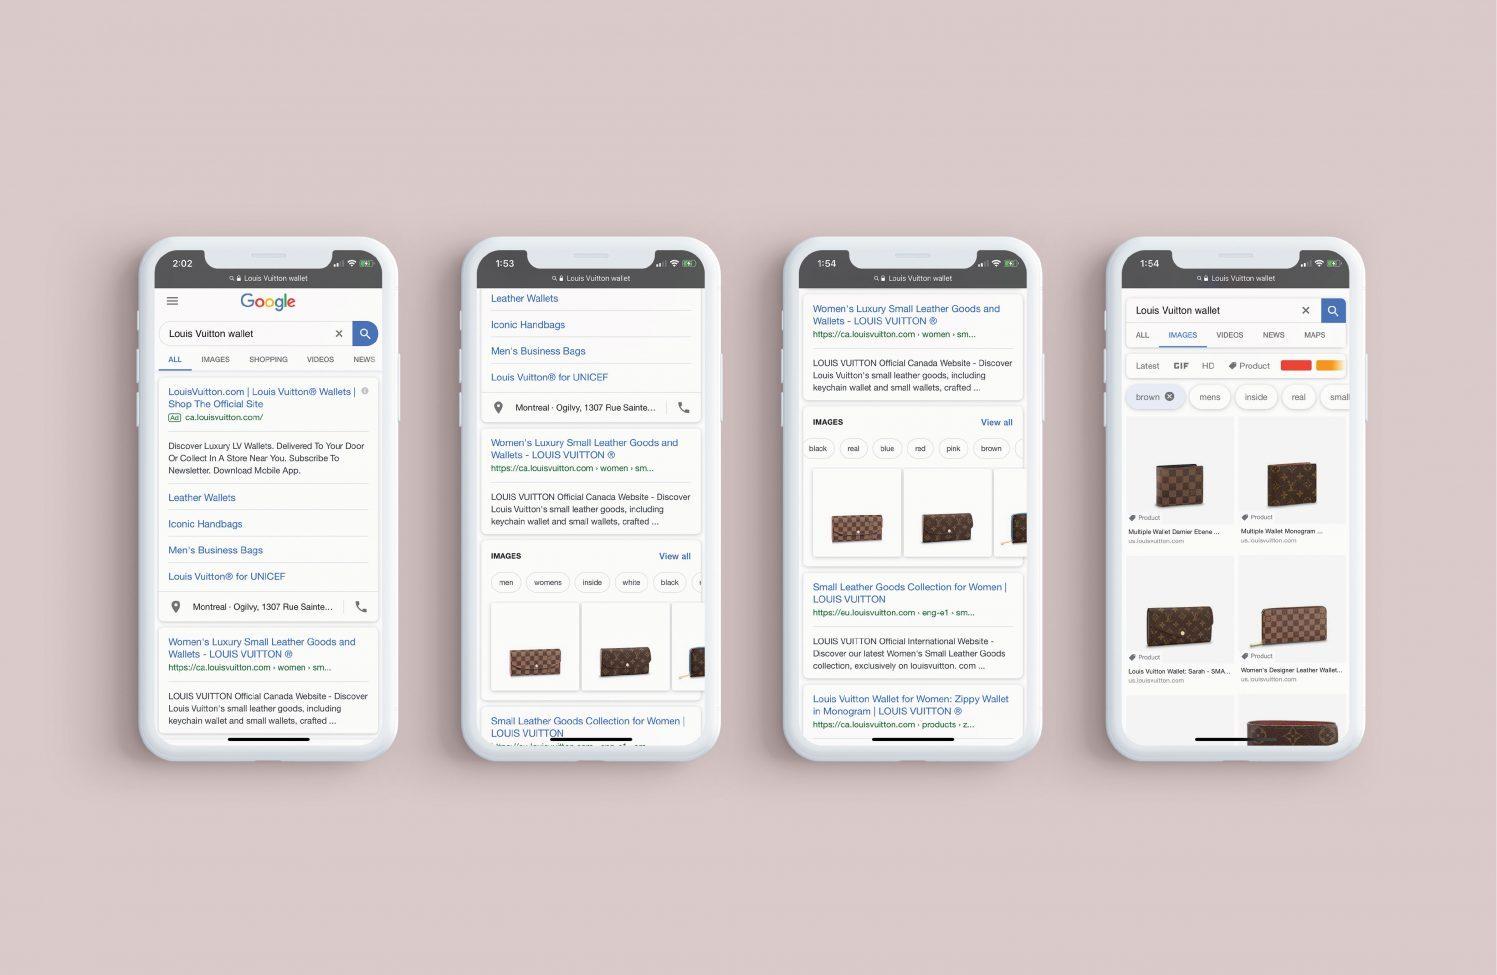 Google-recherche-de-marque-et-résultats-de-l'image